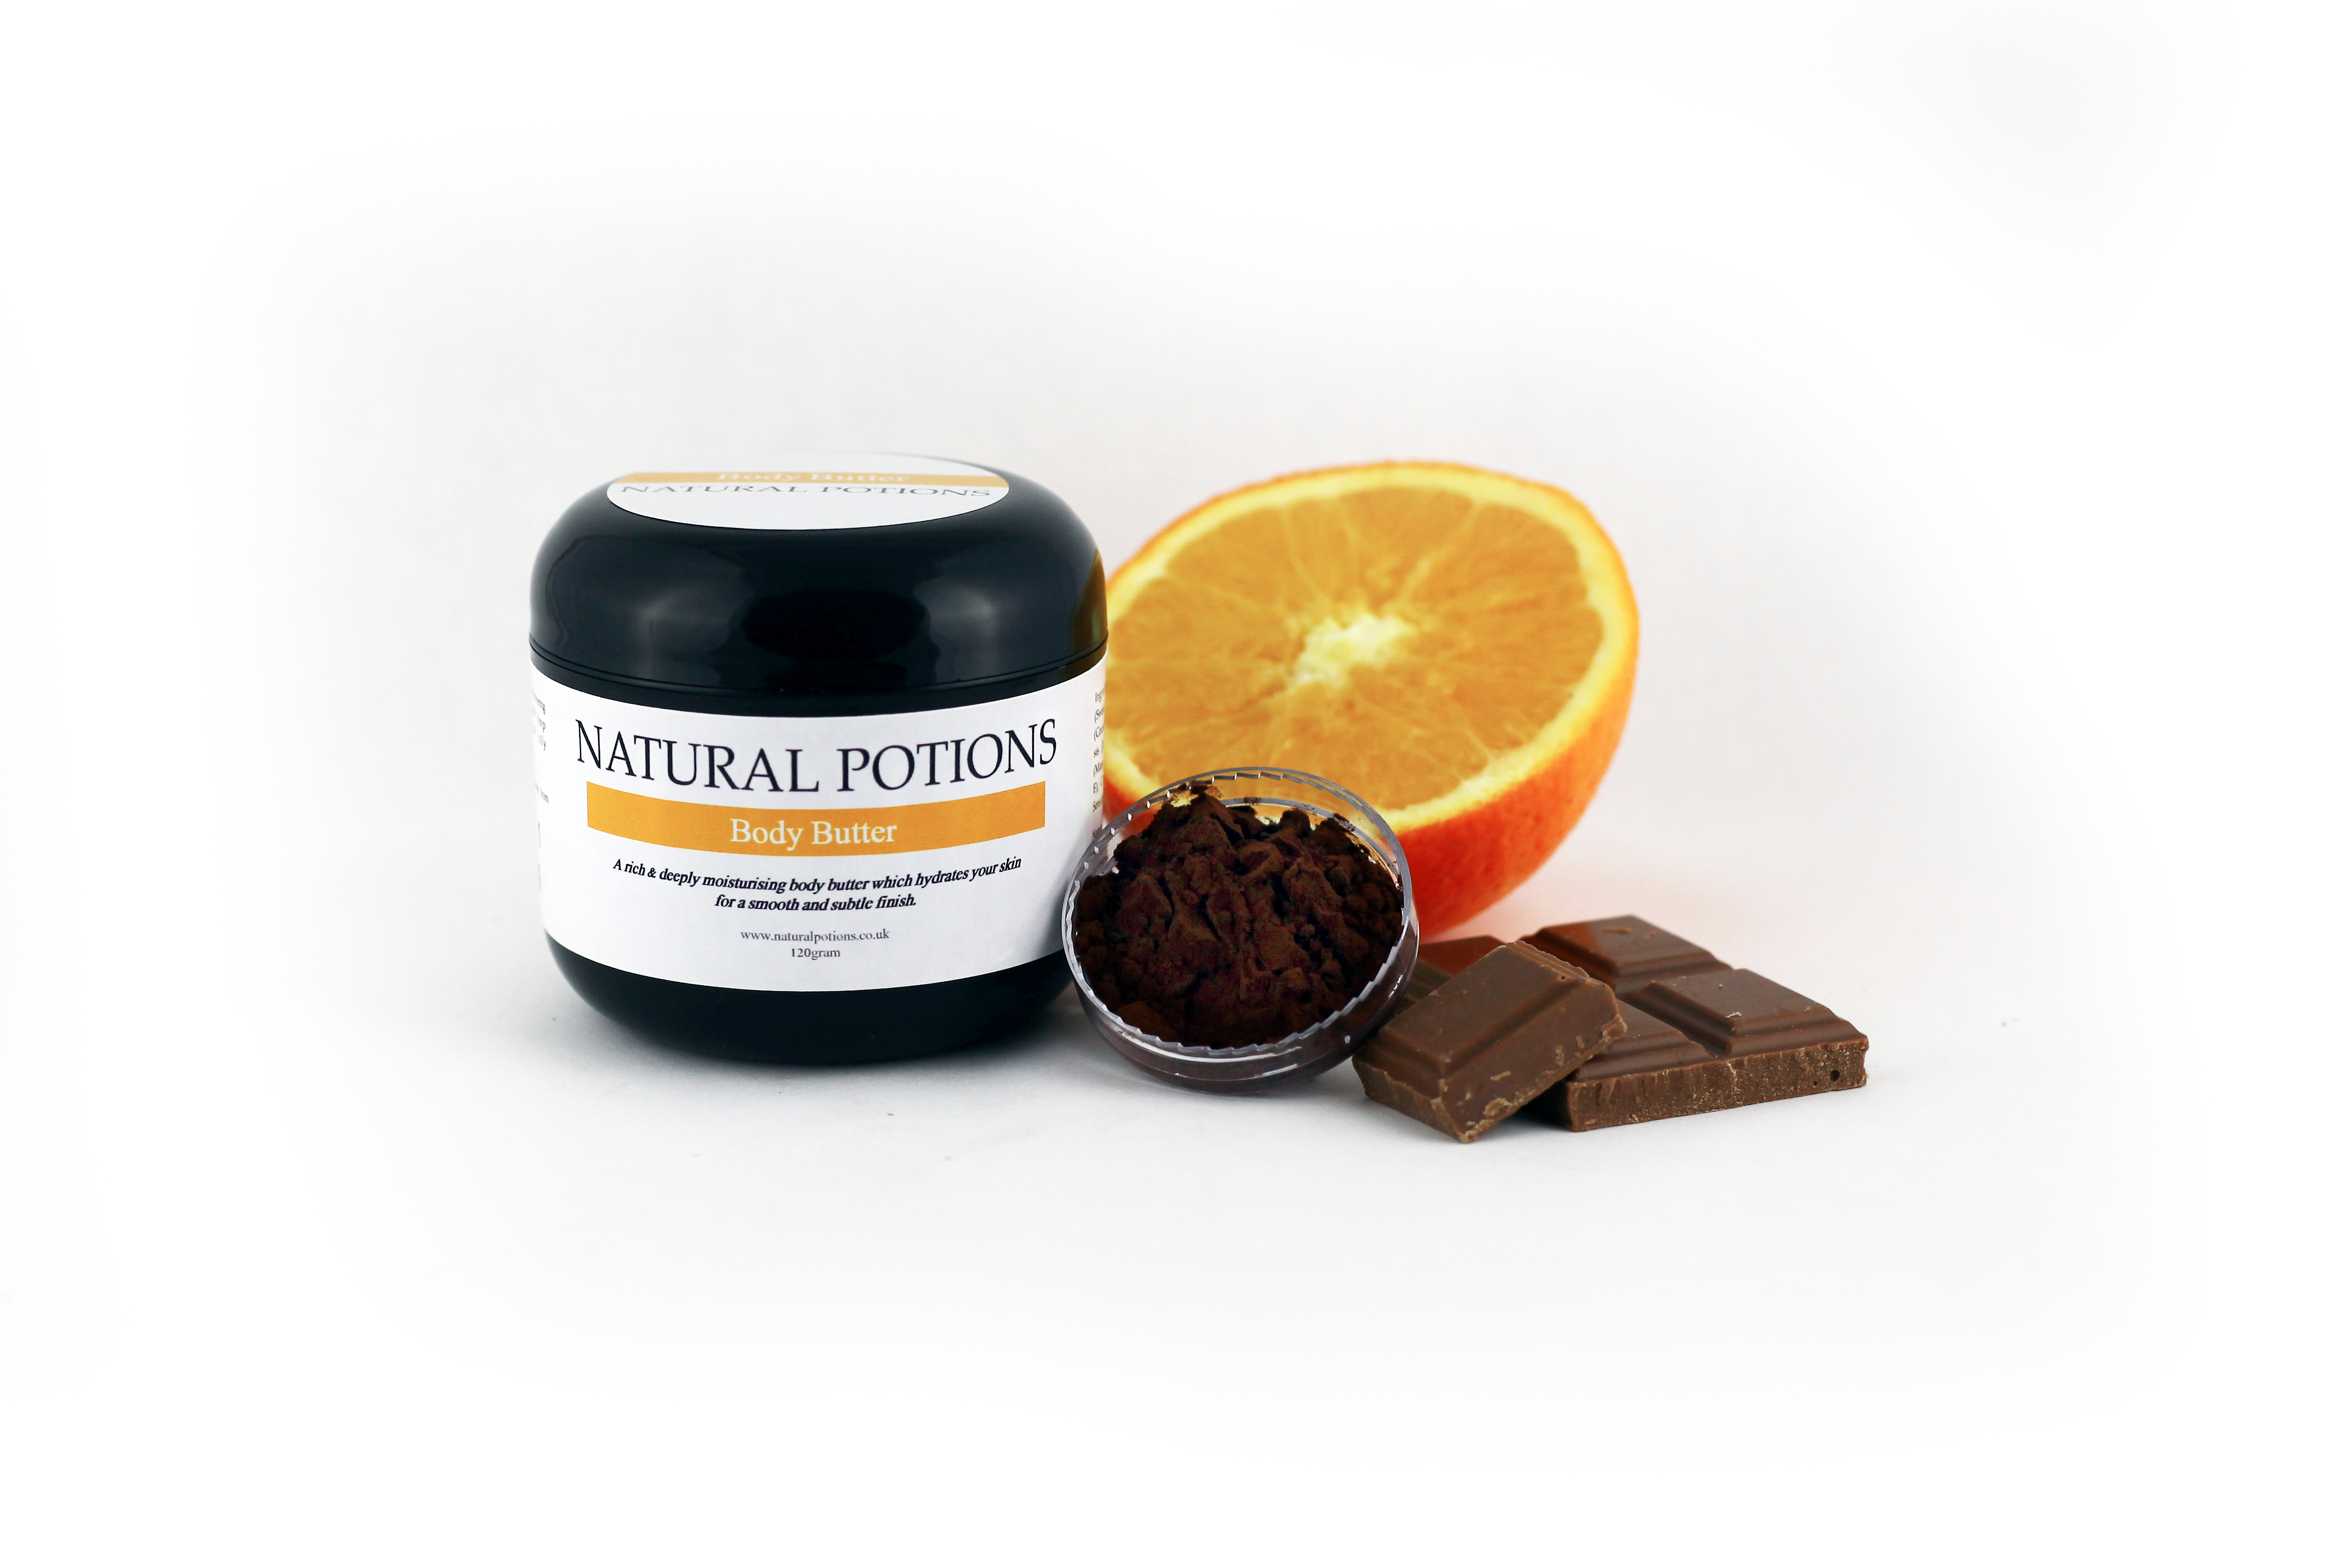 Natural Potions LTD